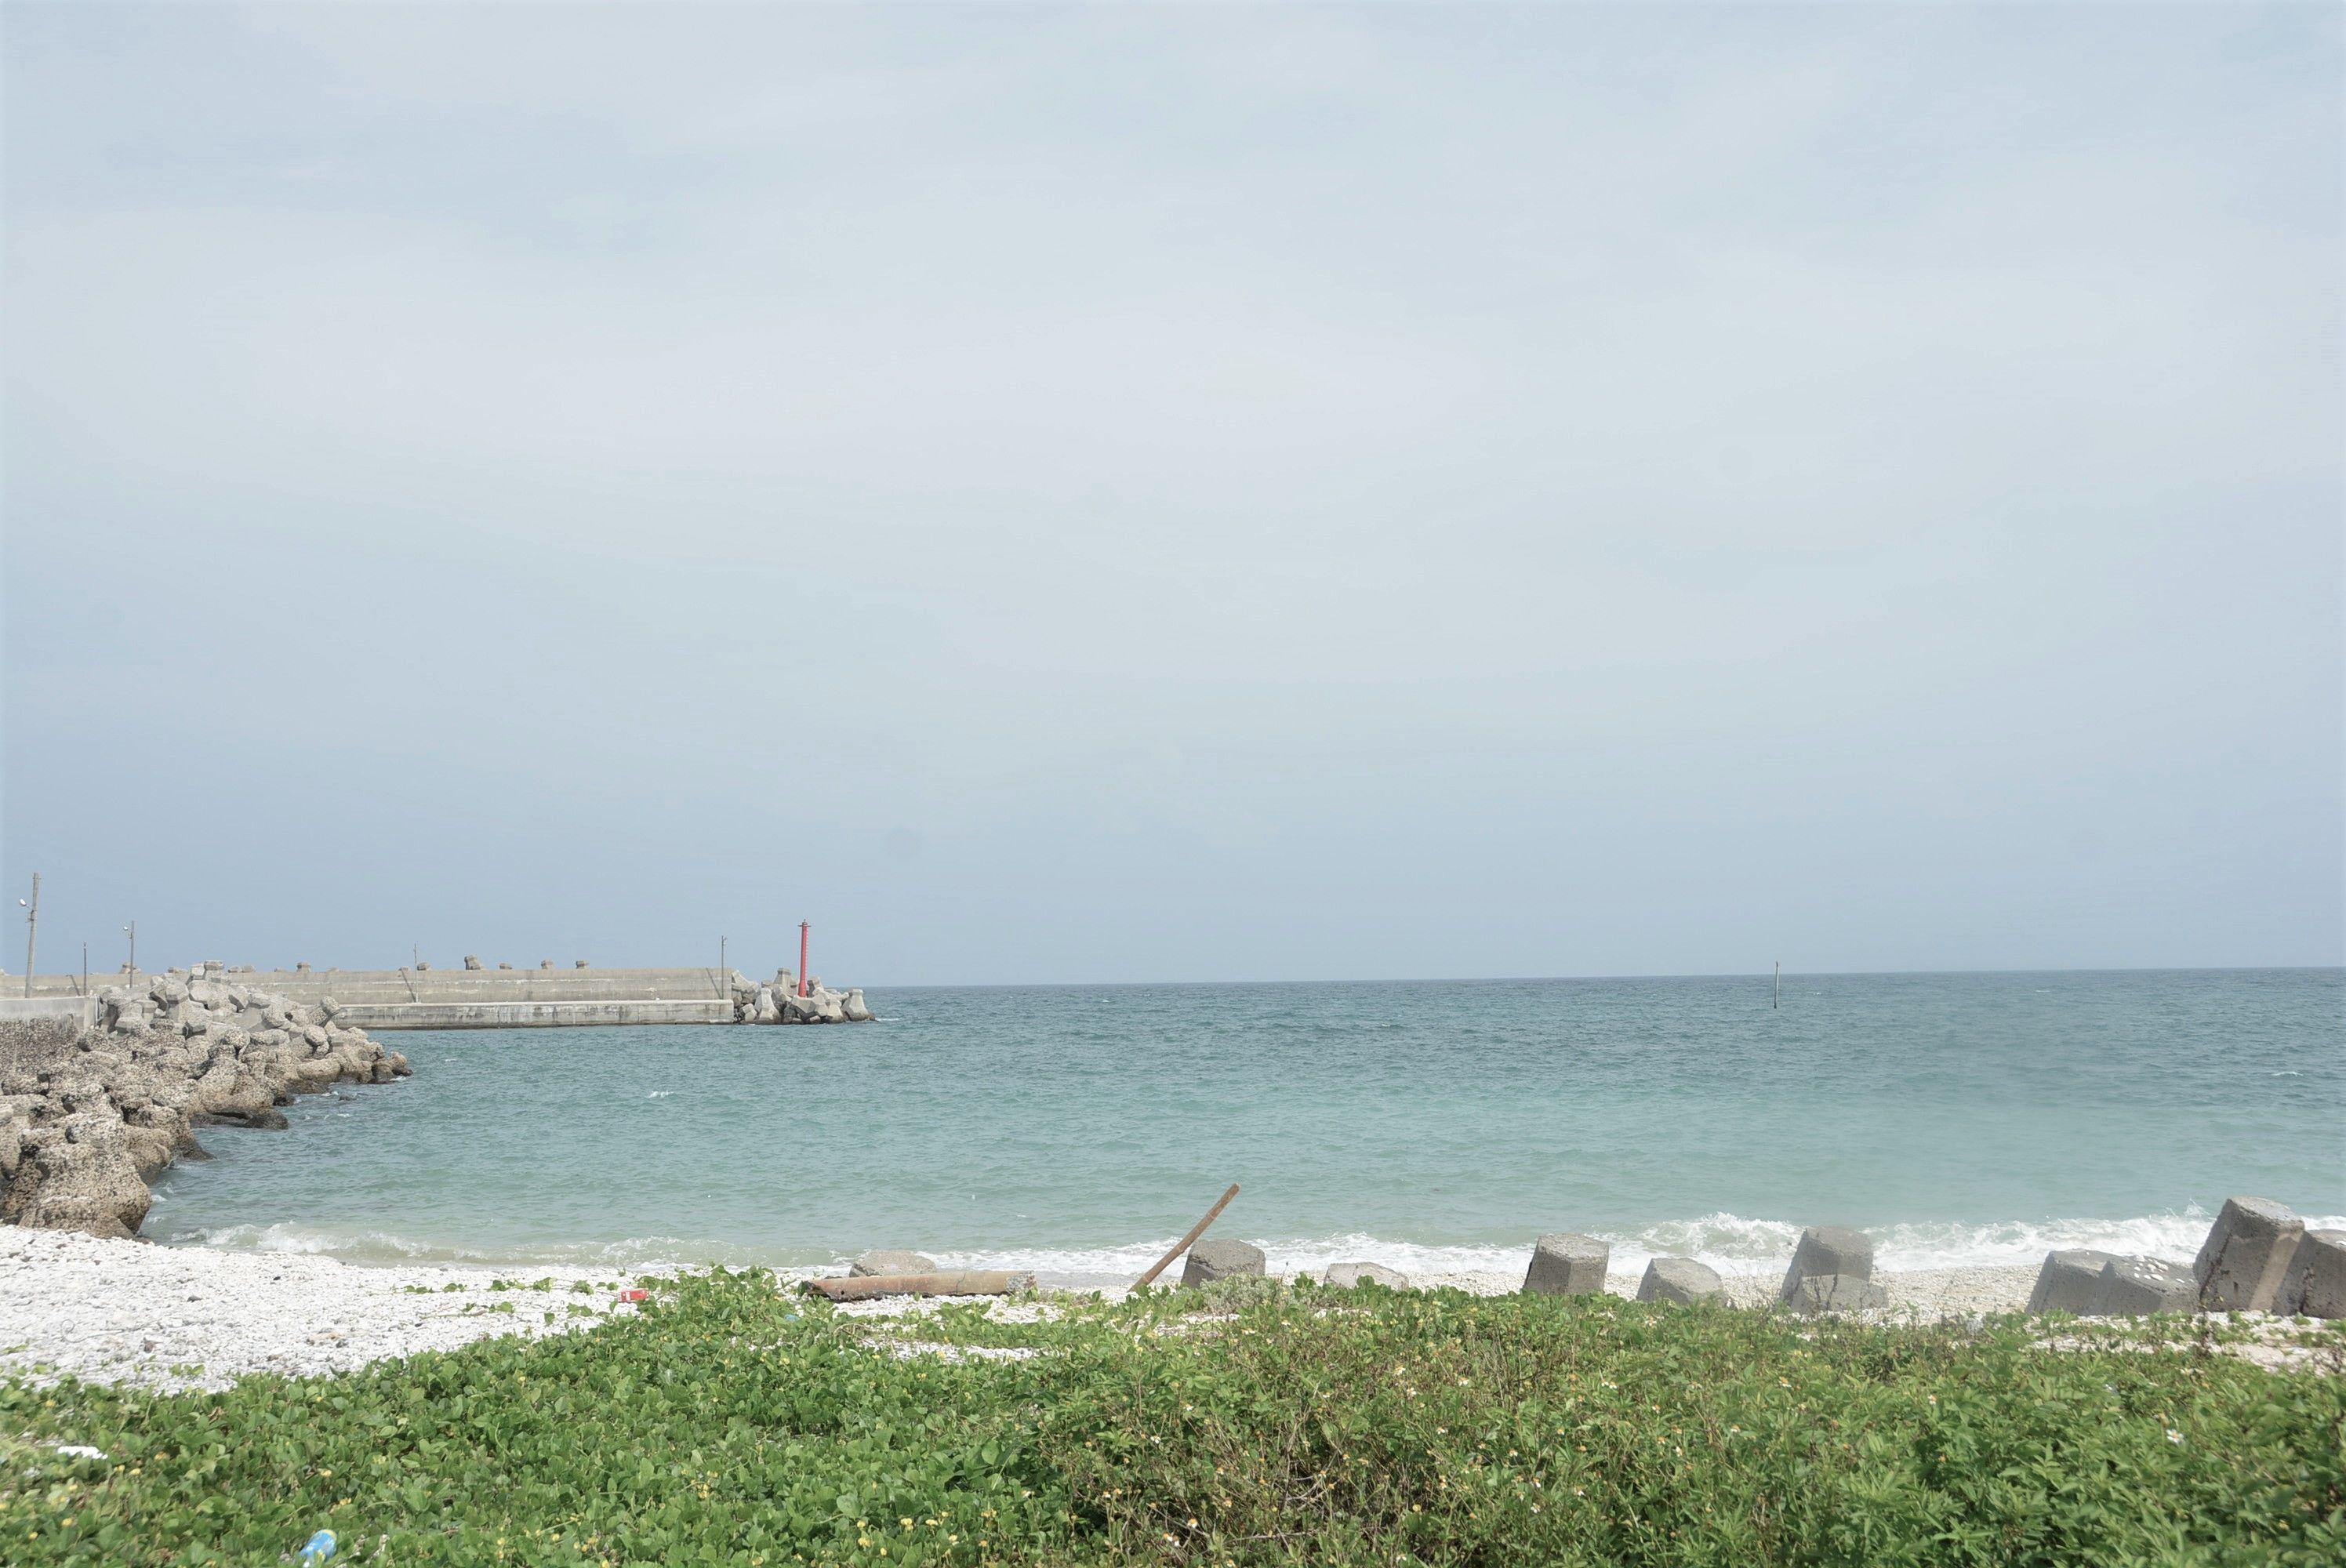 烏崁禁漁區海域